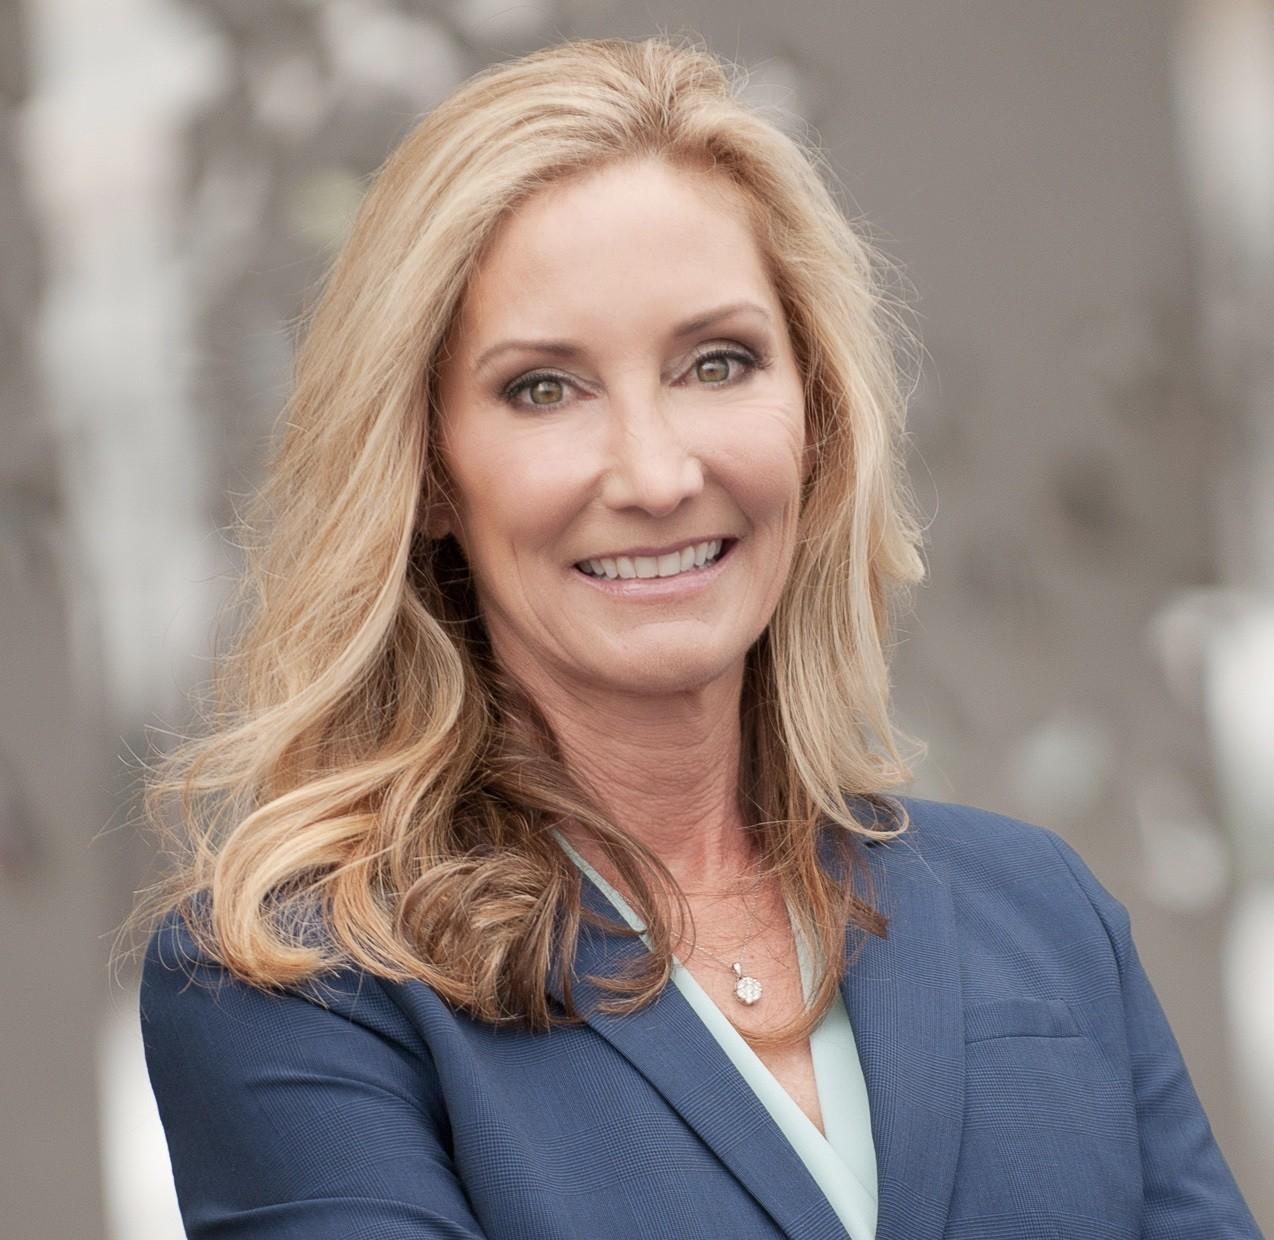 Kristi Becker